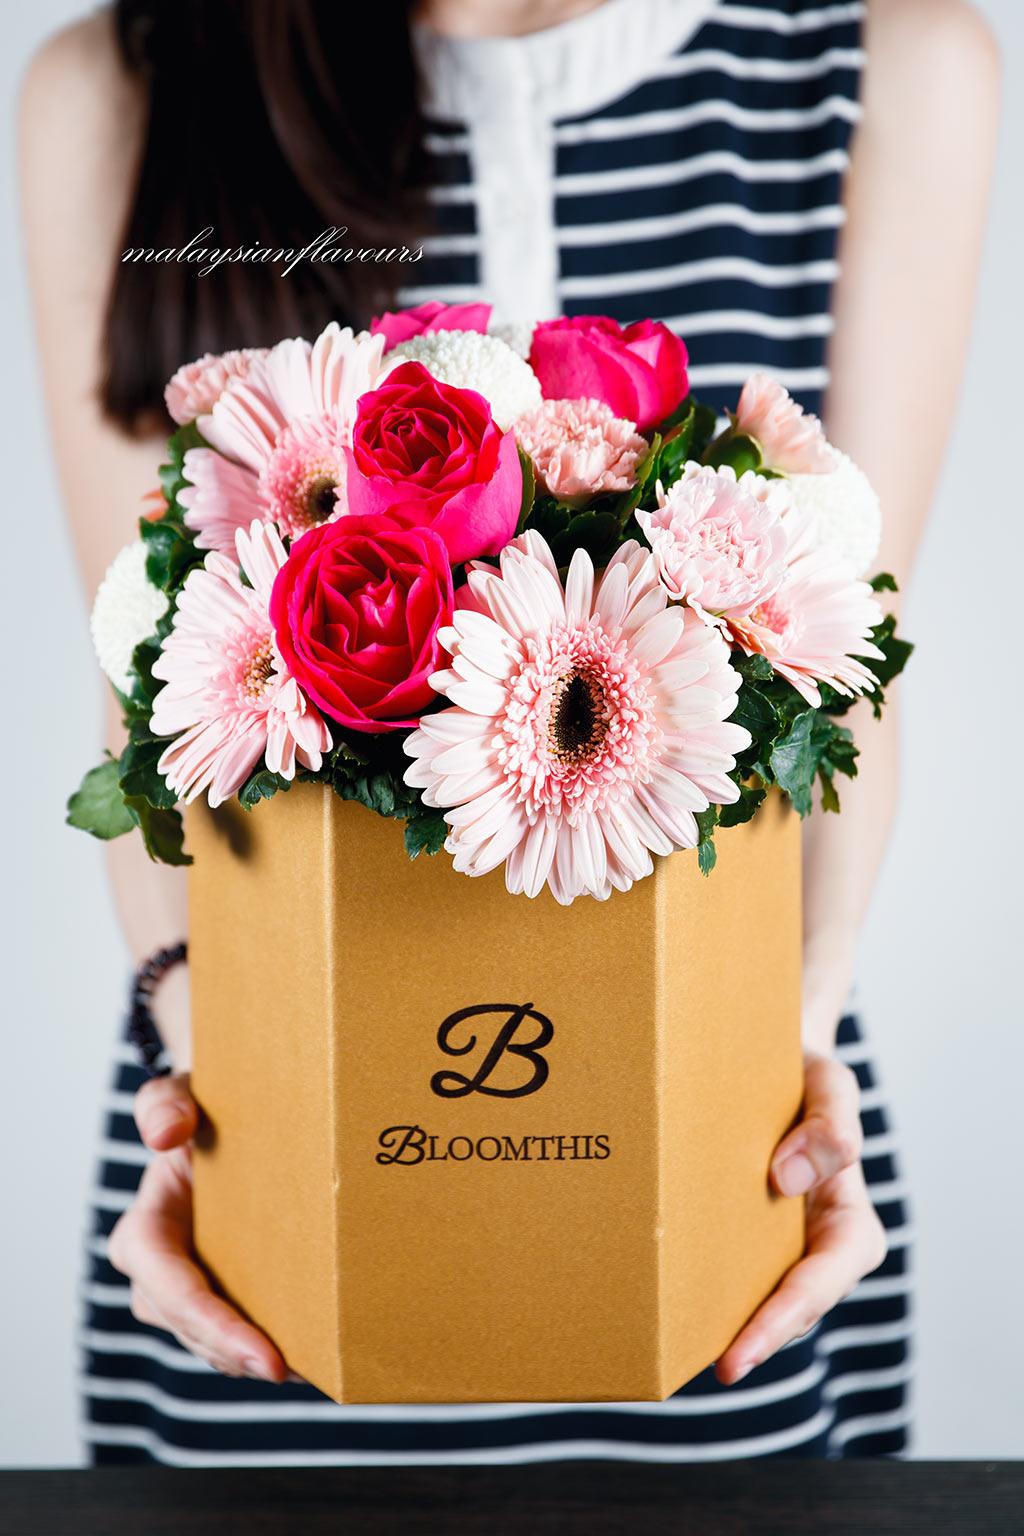 BloomThis x Haagen Dazs